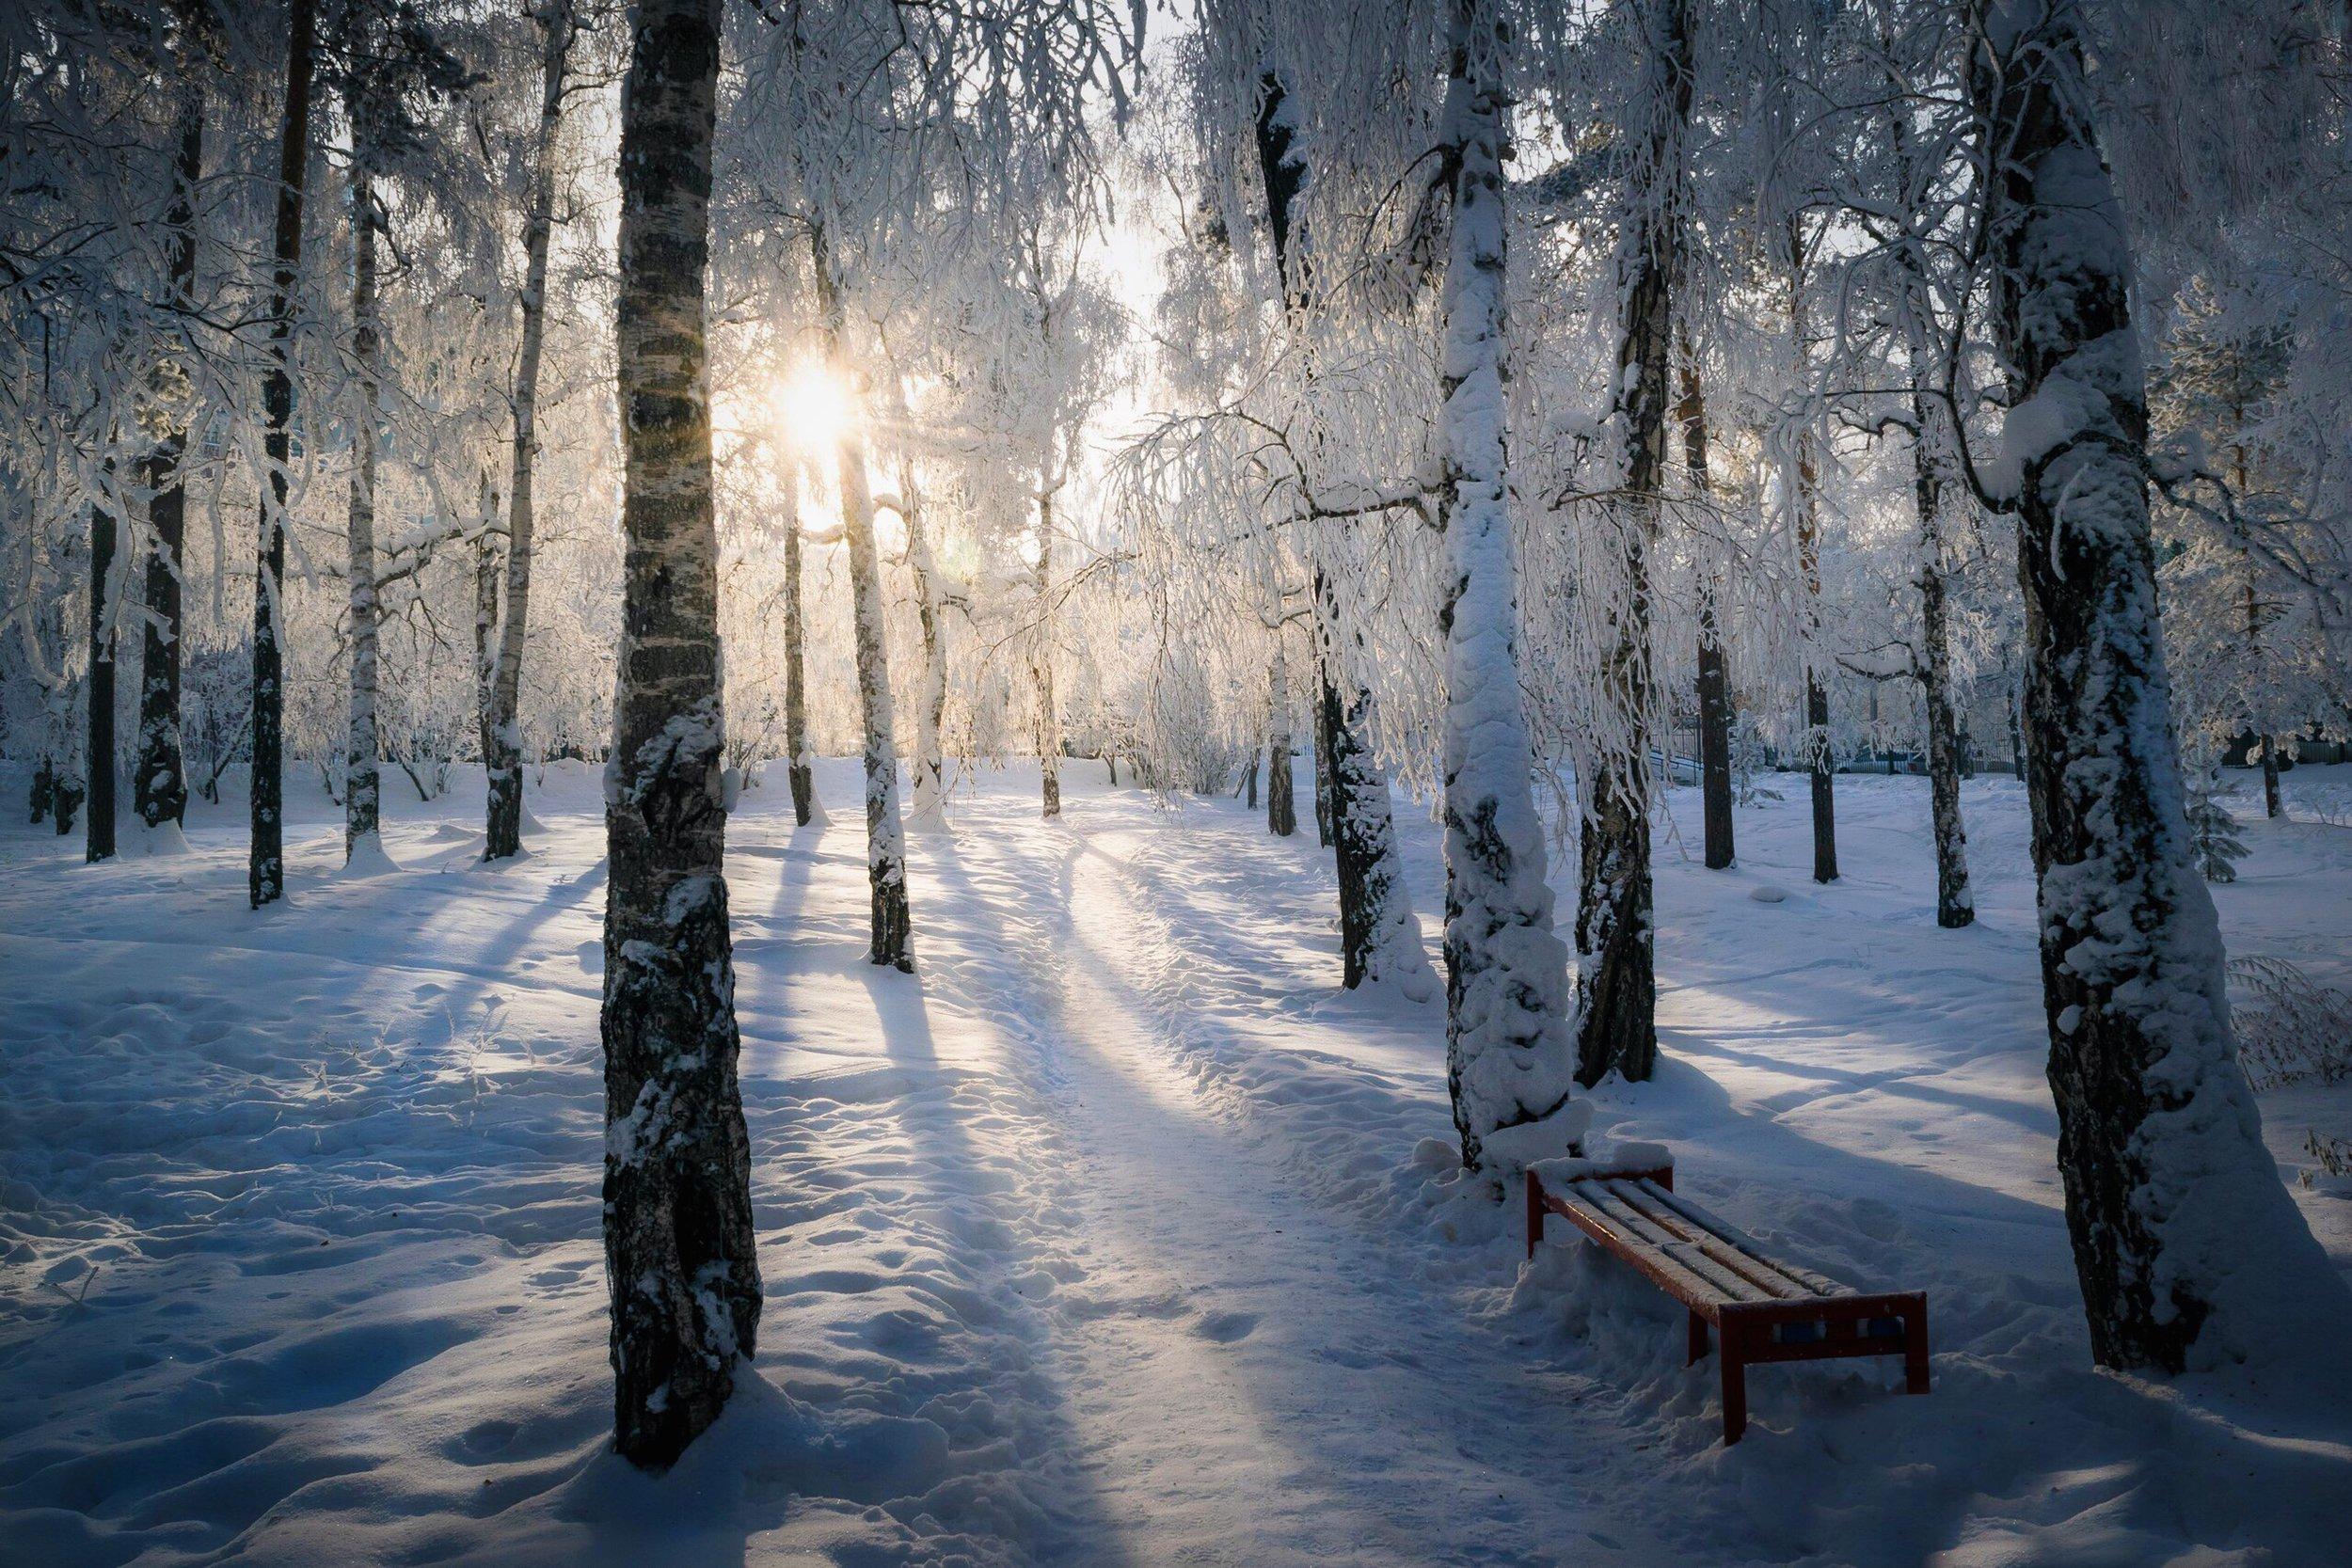 иней, снег, деревья, зима, Назарова Екатерина